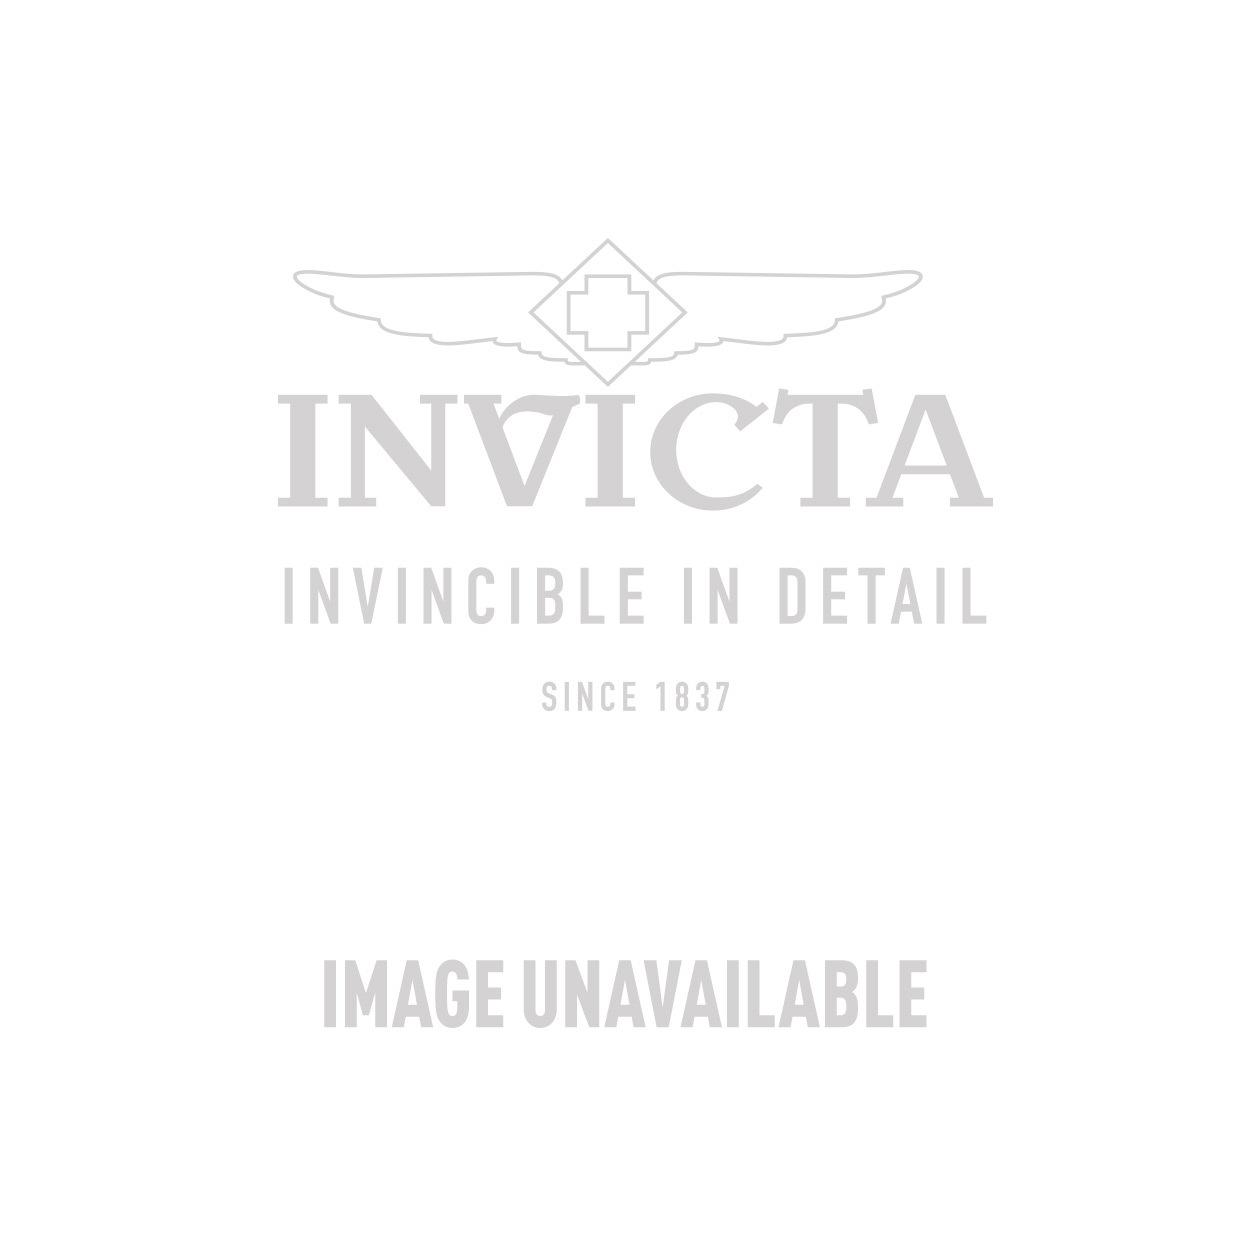 Invicta Model 28131